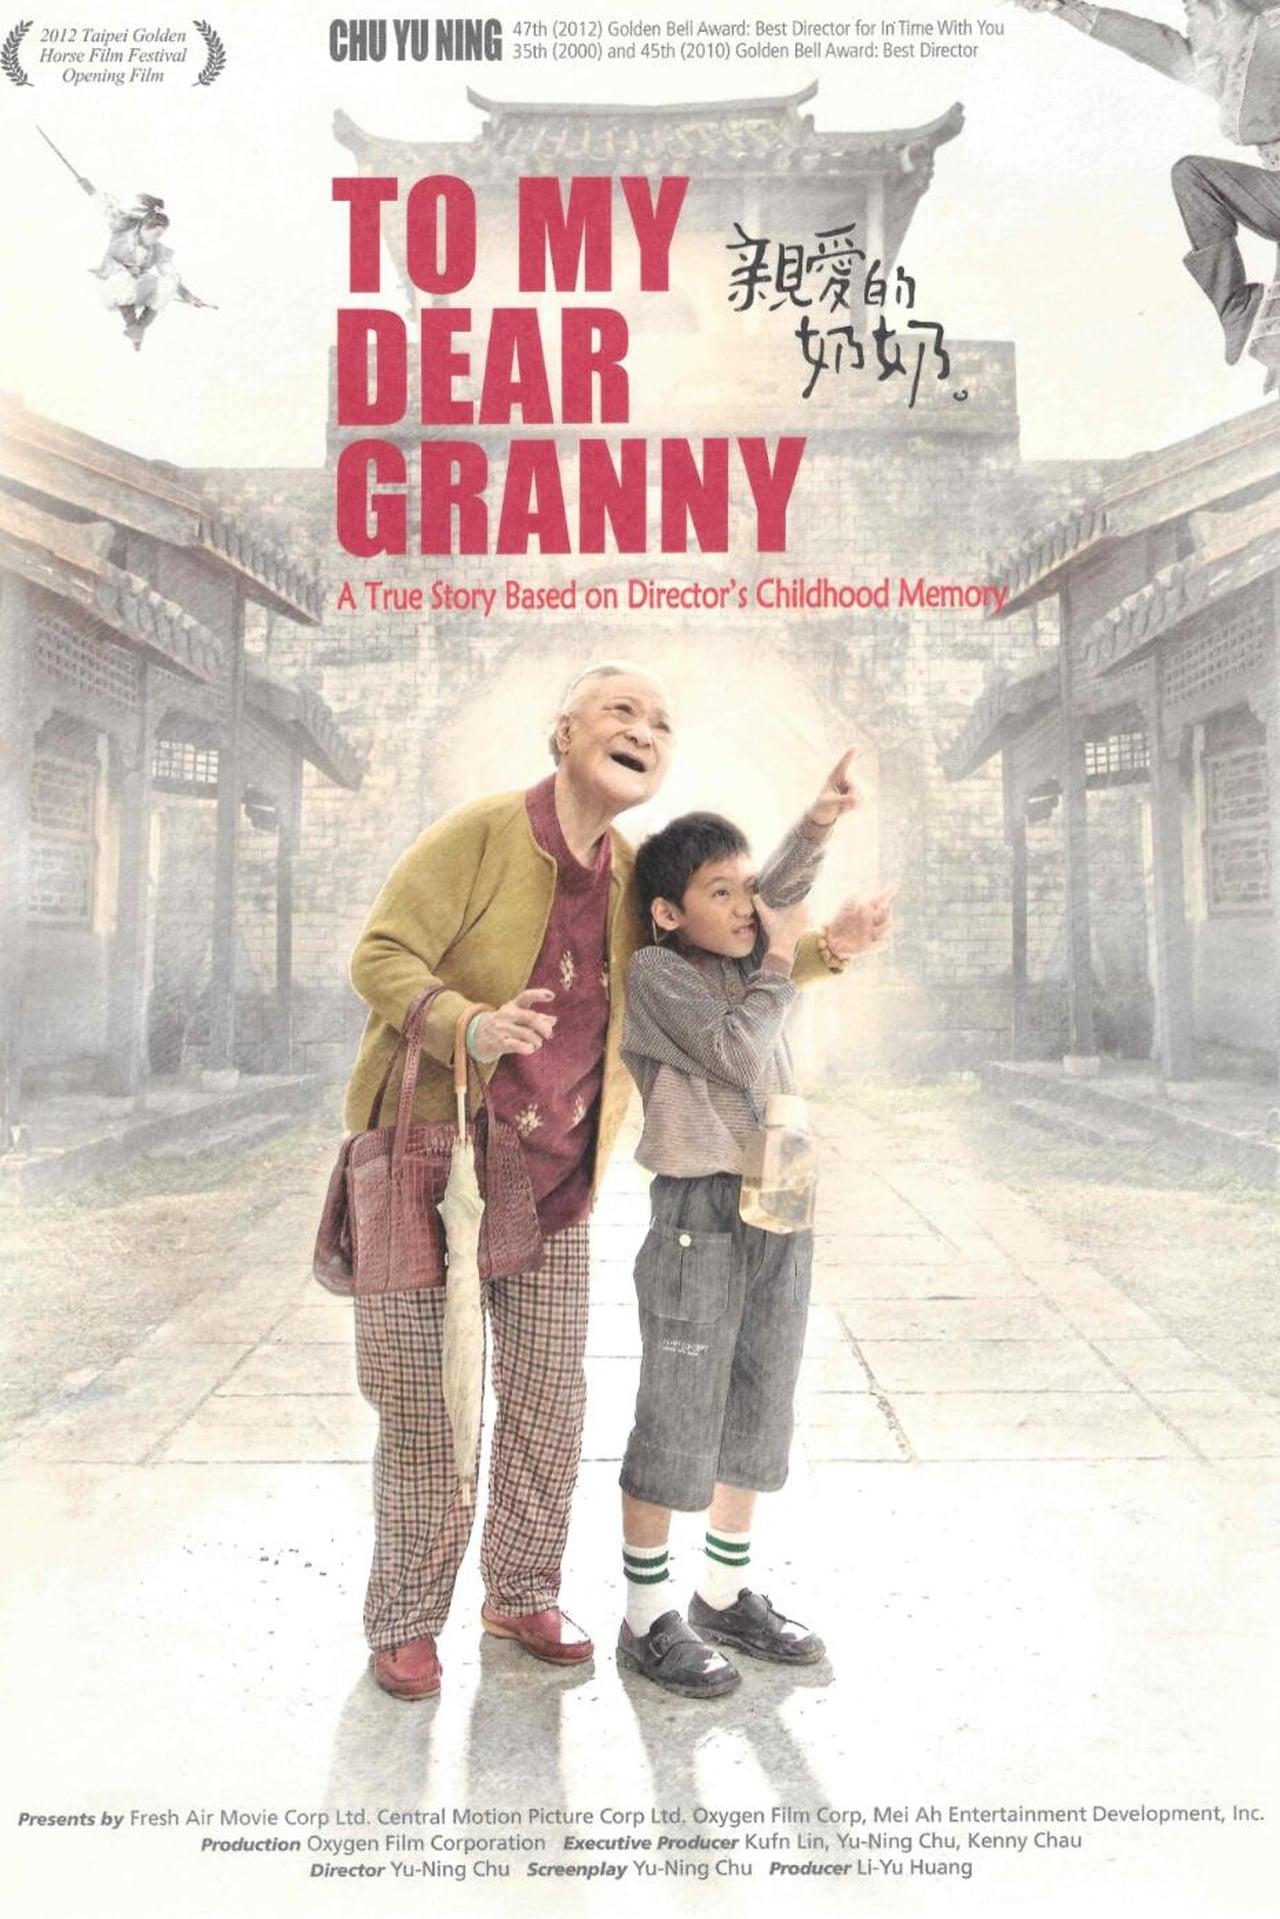 To My Dear Granny